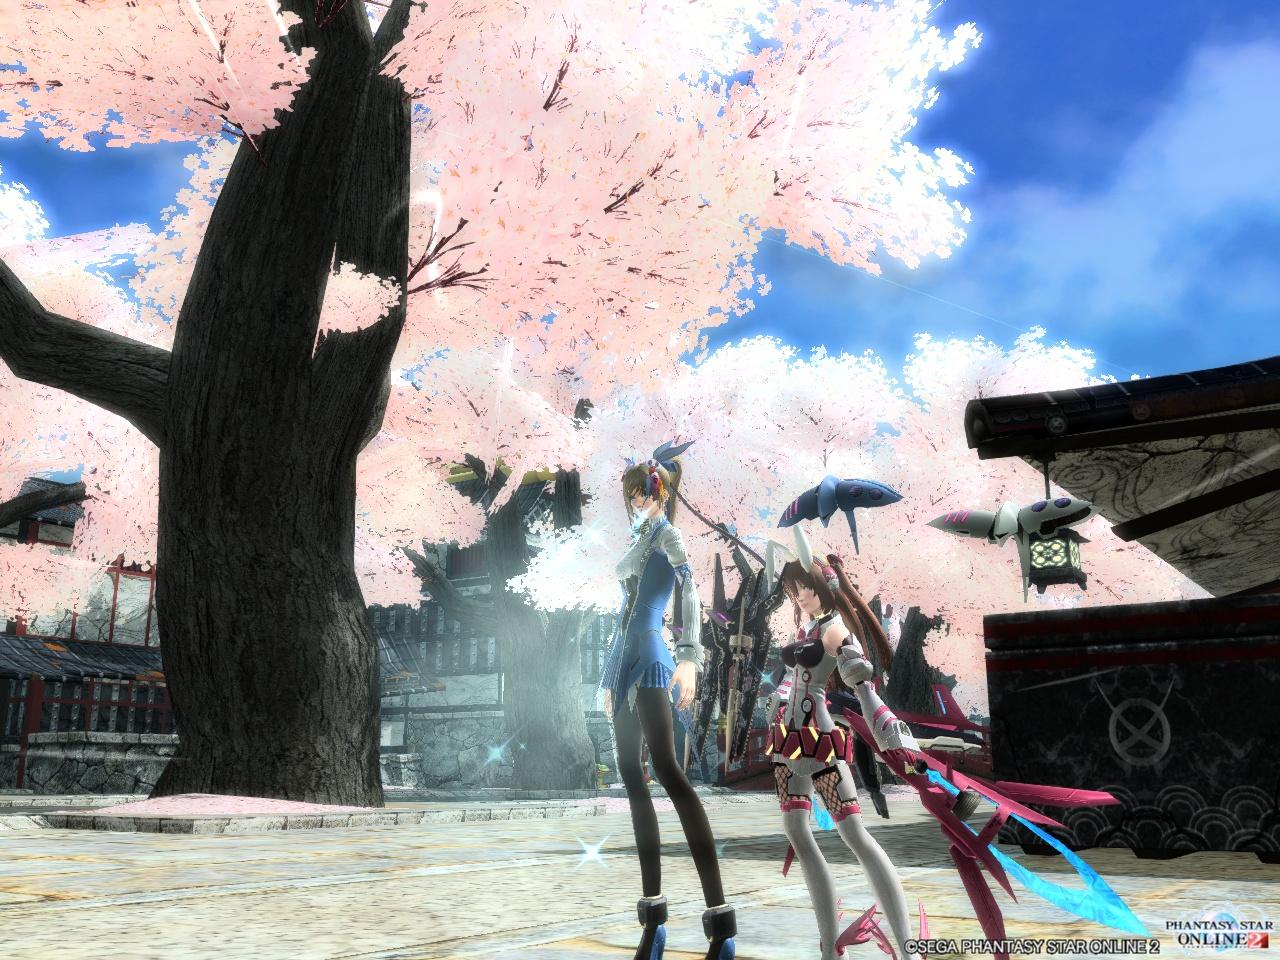 奈々ちゃんと桜の木の下で